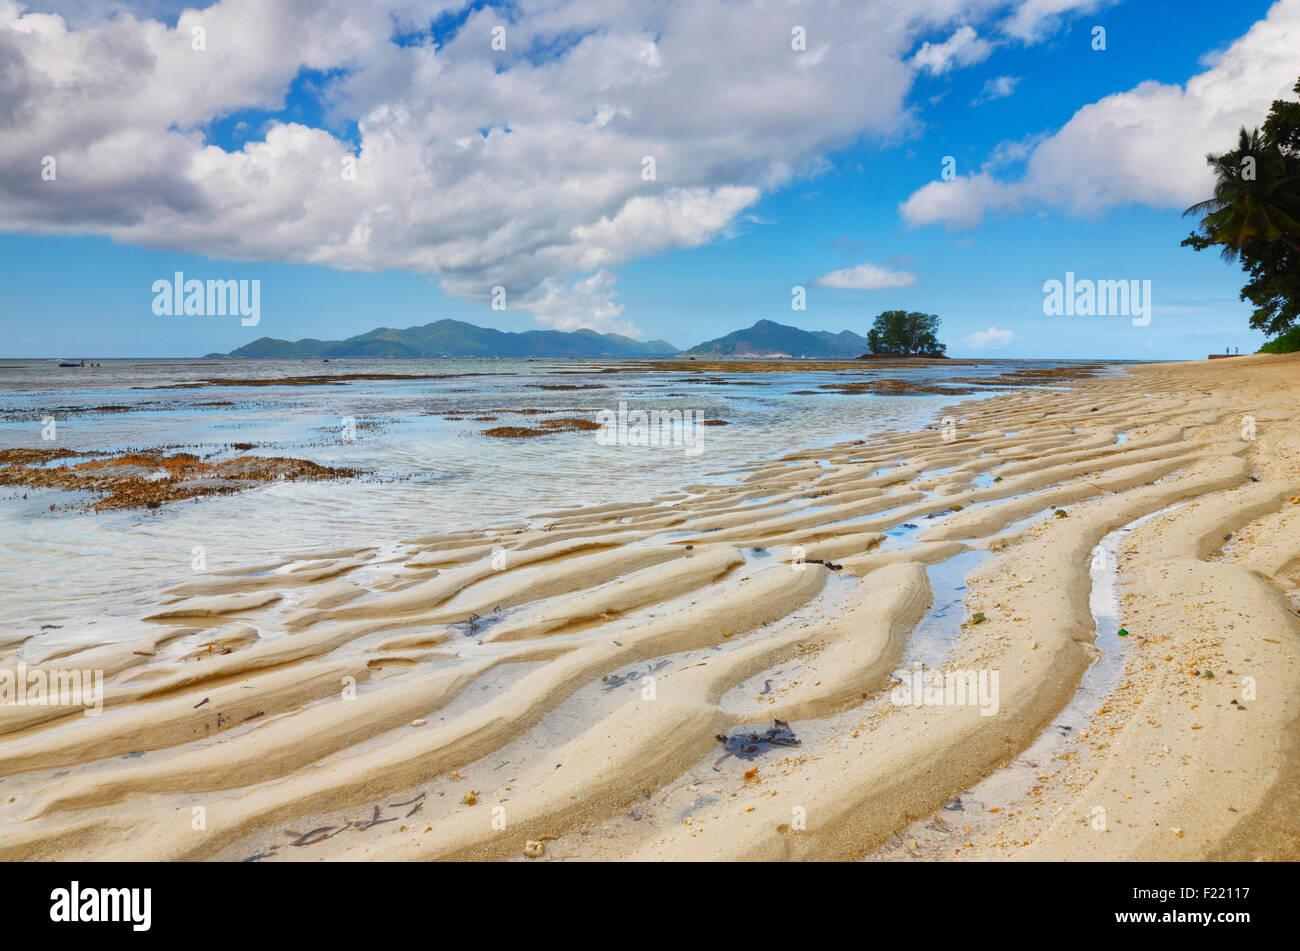 Dune de sable sur la plage, île de La Digue, aux Seychelles. Photo Stock